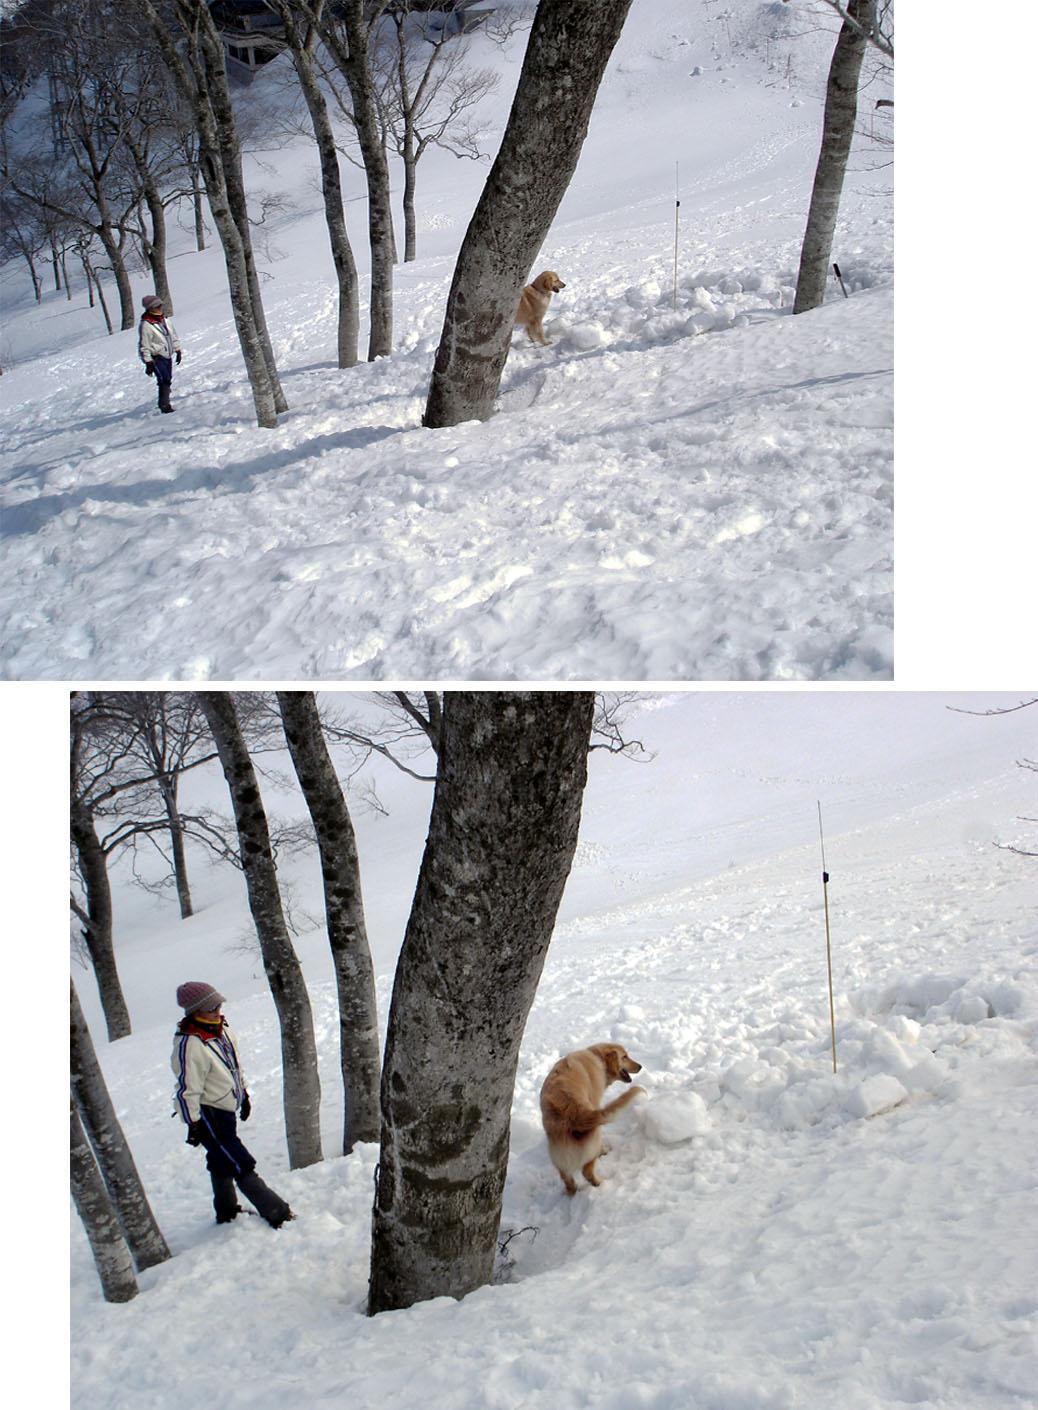 雪中訓練Ⅱ(34) GMD捜索